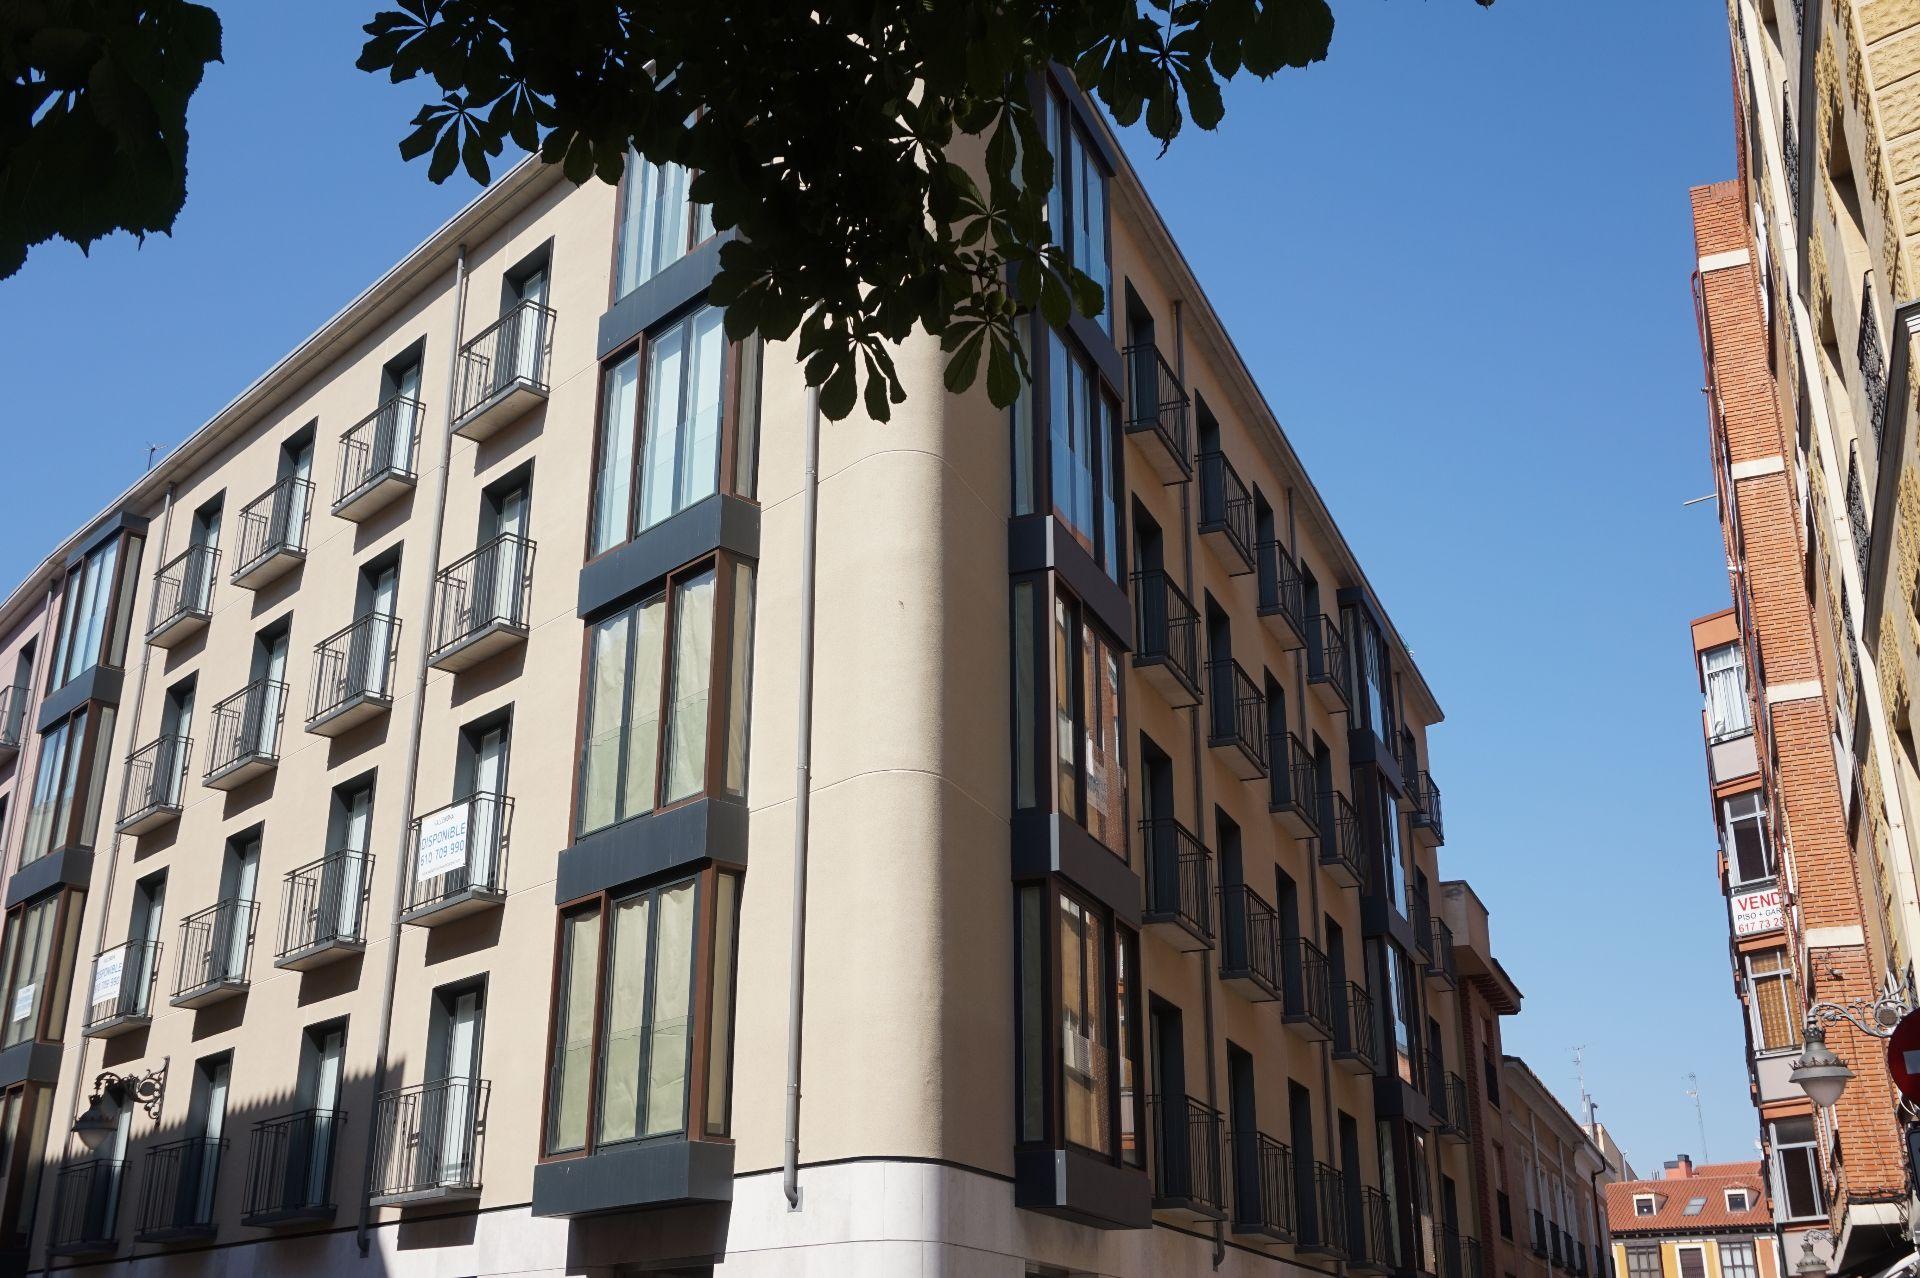 Piso en Valladolid, CENTRO, alquiler